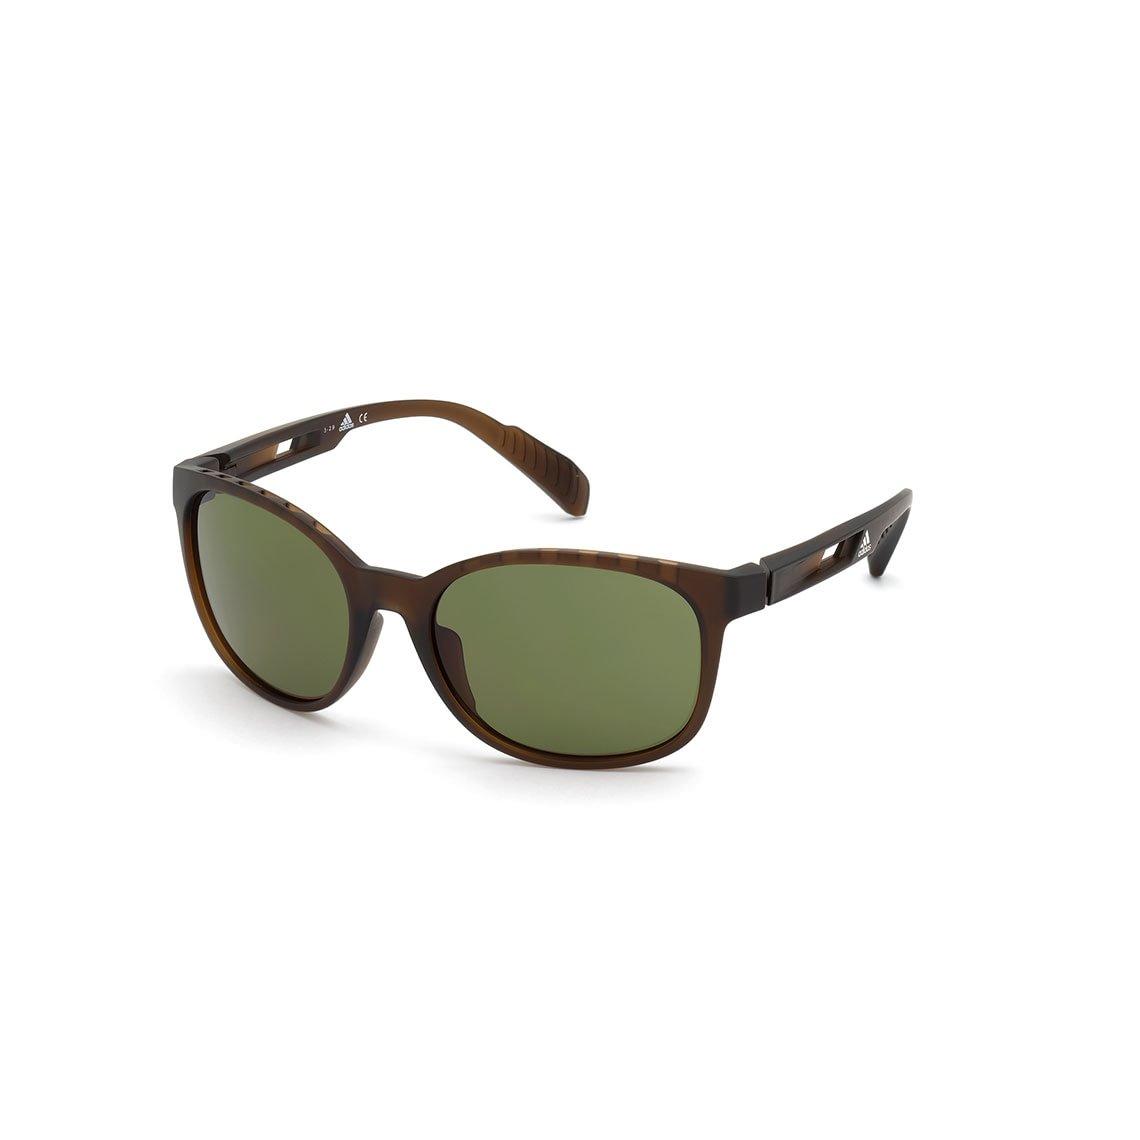 Adidas Sport Green SP0011 49N 5818